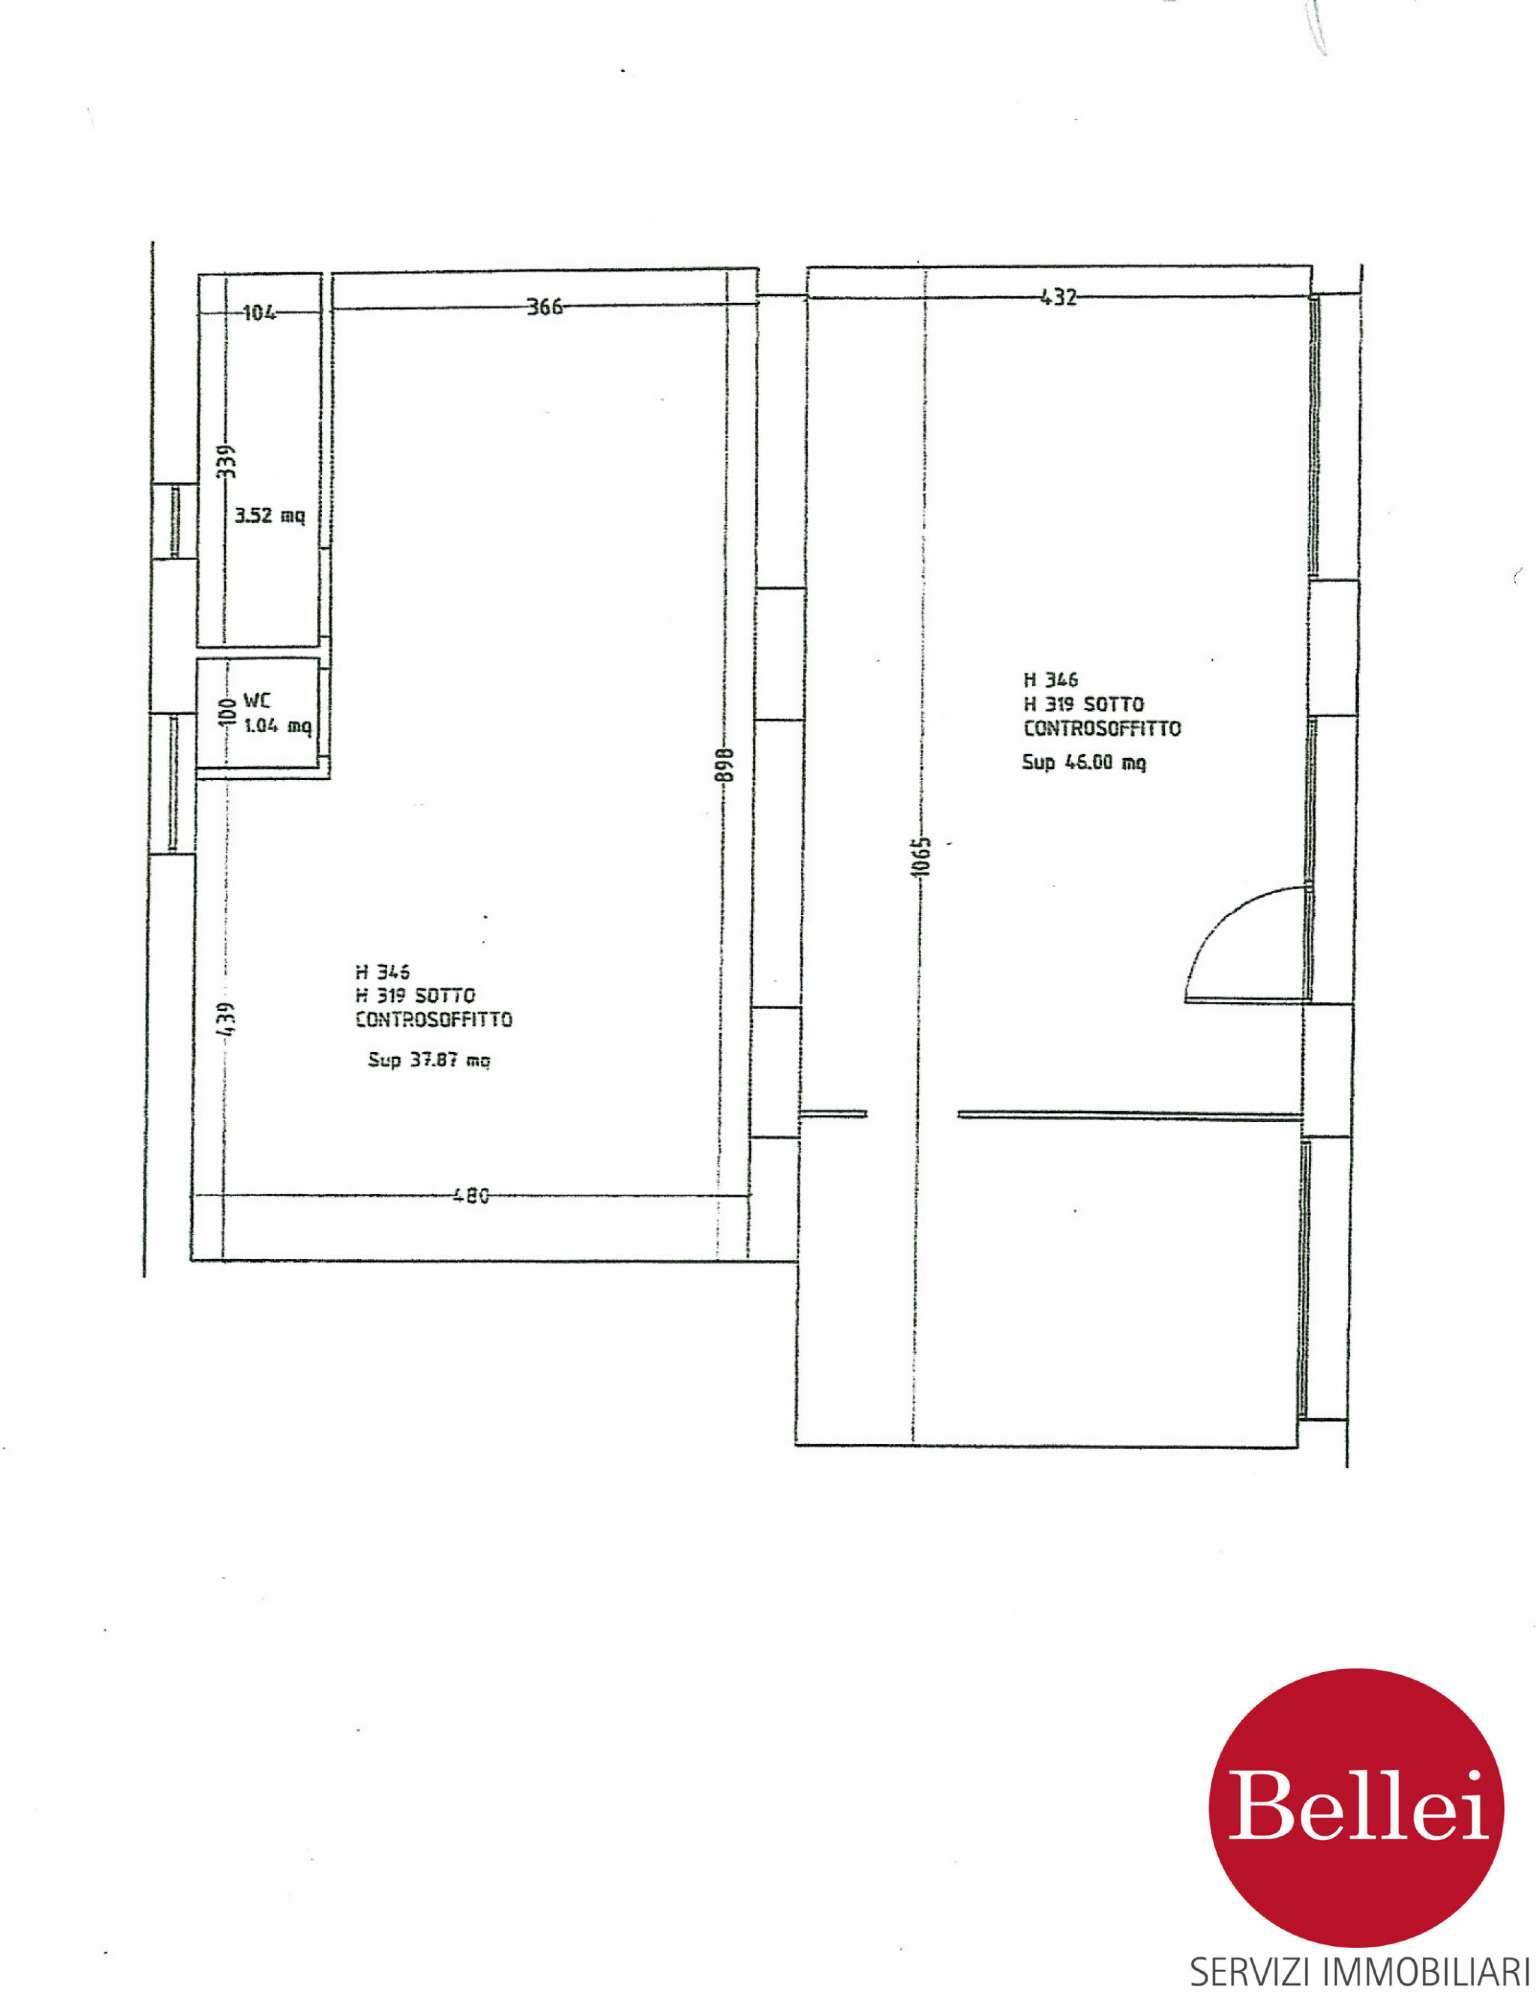 Negozio - ufficio di 108 mq con 3 vetrine in zona di forte passaggio al centro